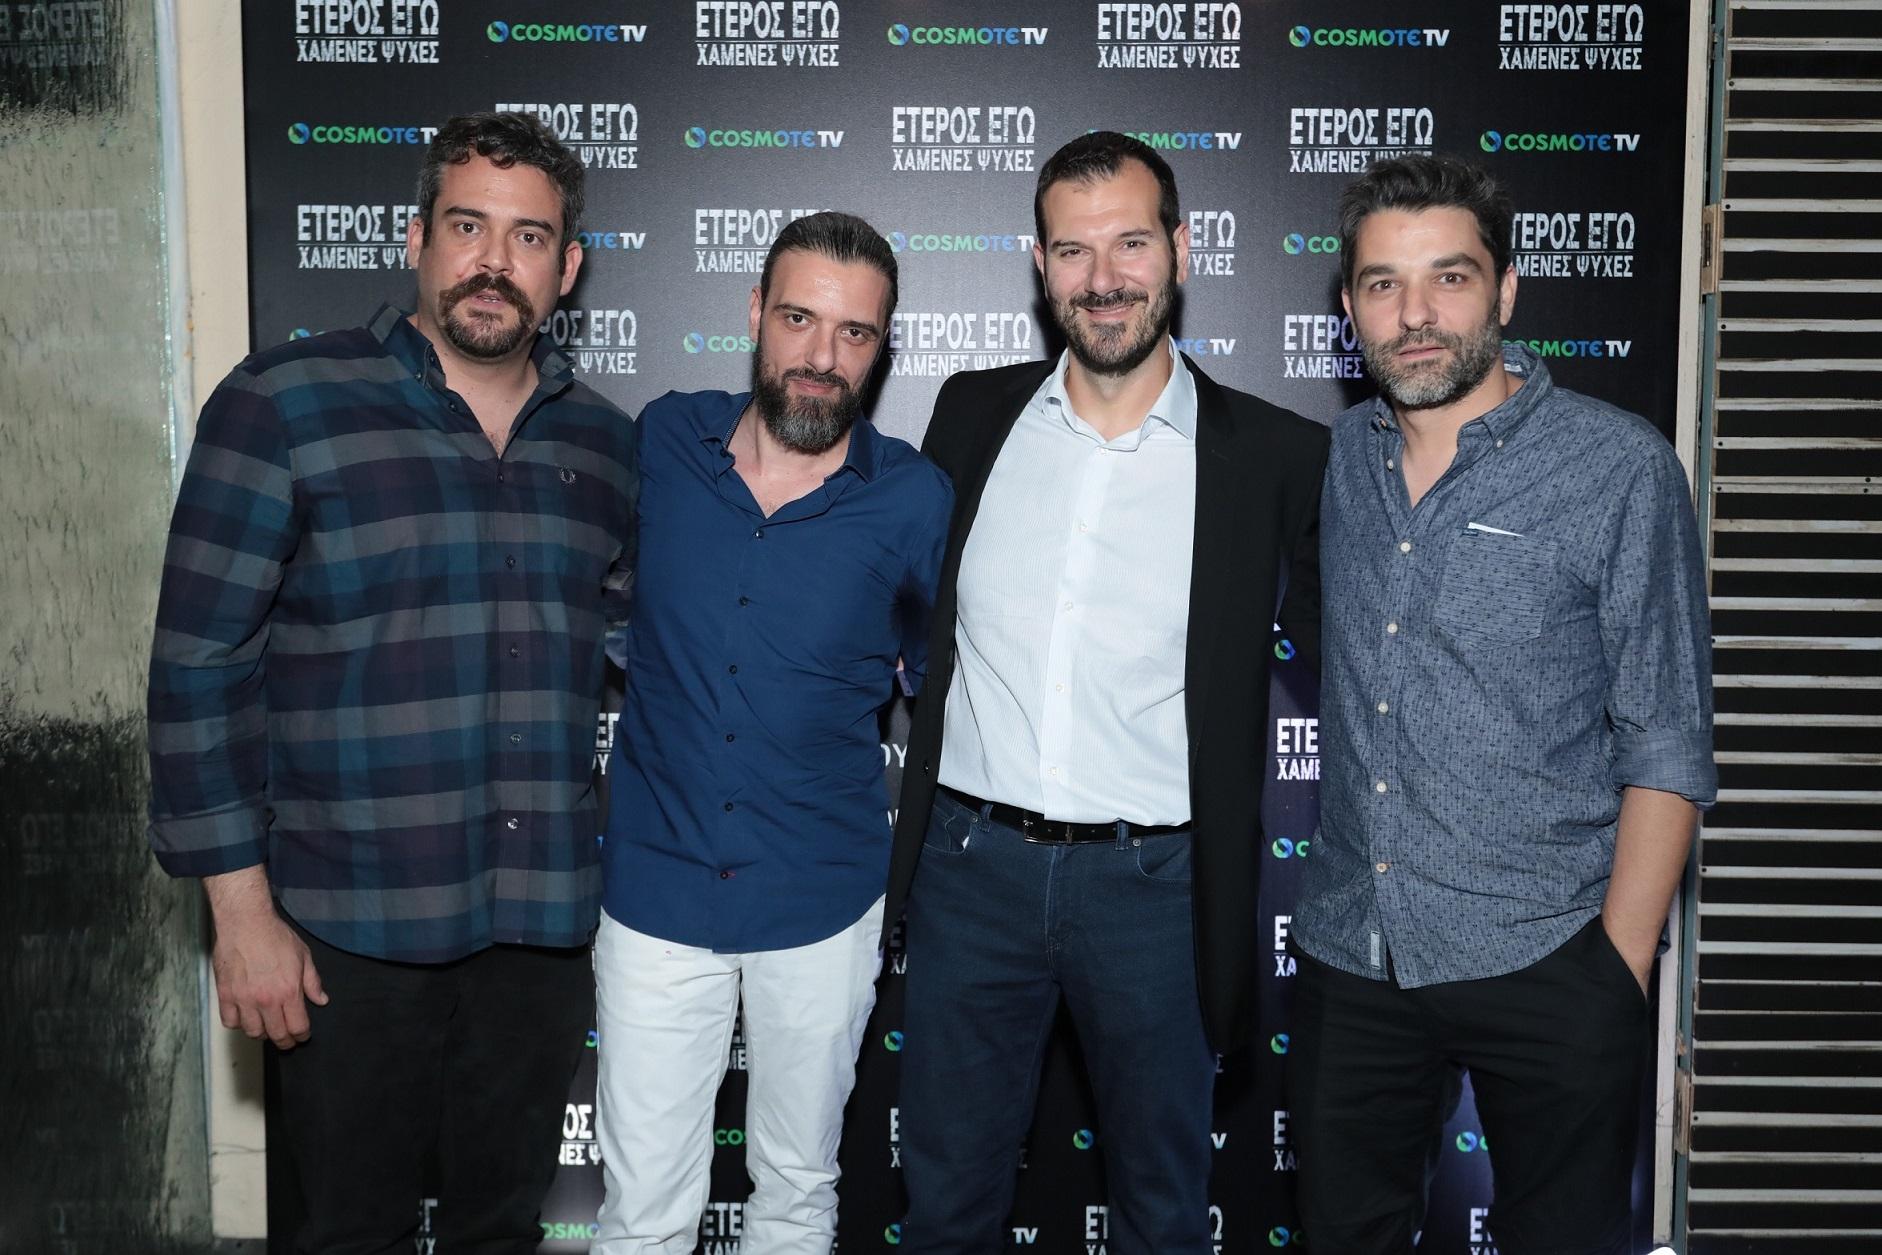 Από αριστερά: Πυγμαλίων Δαδακαρίδης, Σωτήρης Τσαφούλιας, ο Executive Director της COSMOTE TV, Δημήτρης Μιχαλάκης και ο Πέτρος Λαγούτης